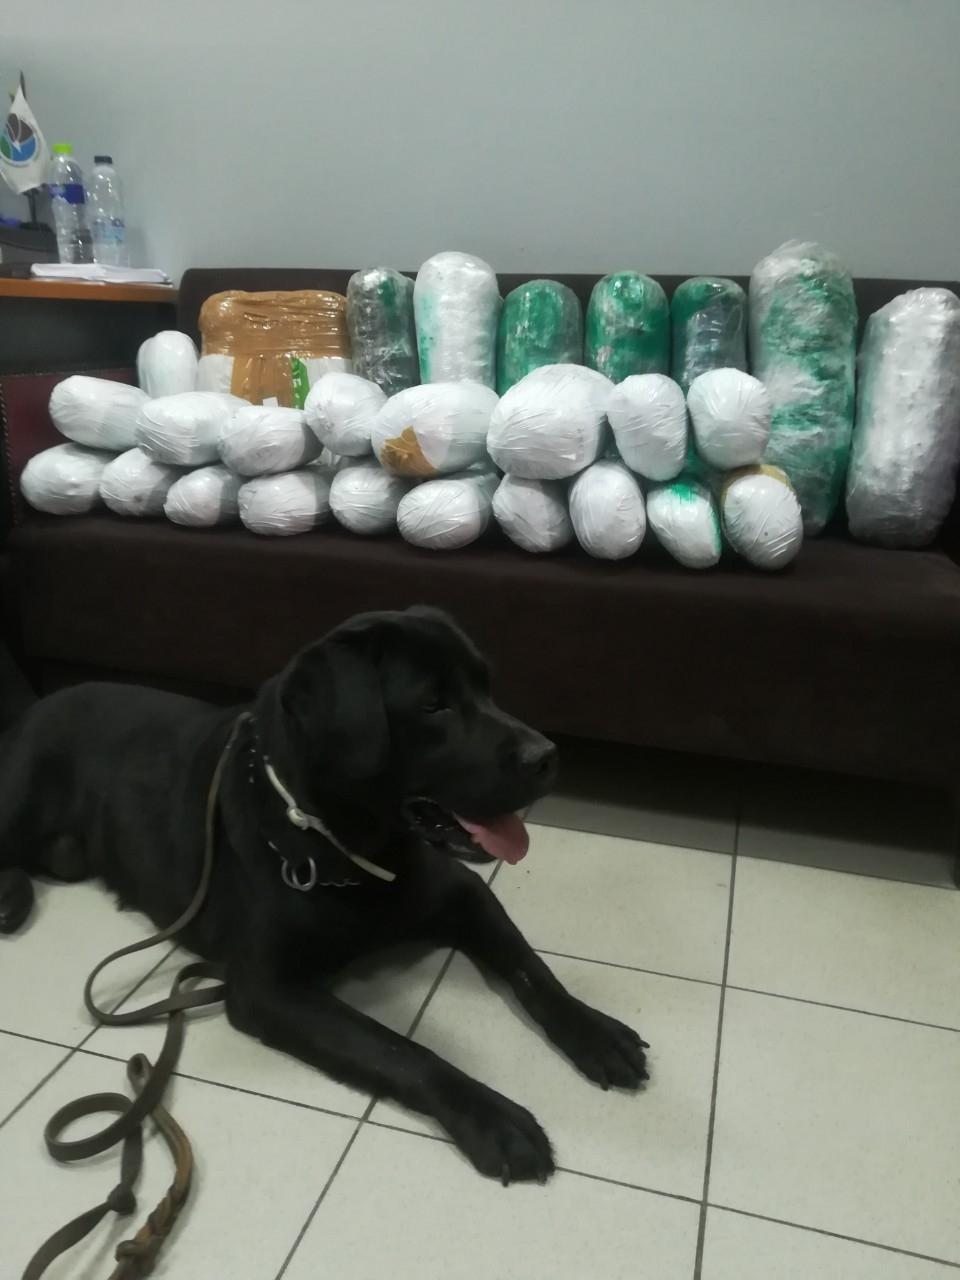 Περισσότερα από 22 κιλά κάνναβης κρυμμένα σε κοντέινερ εντοπίστηκαν στη Θεσσαλονίκη με τη συνδρομή αστυνομικού σκύλου